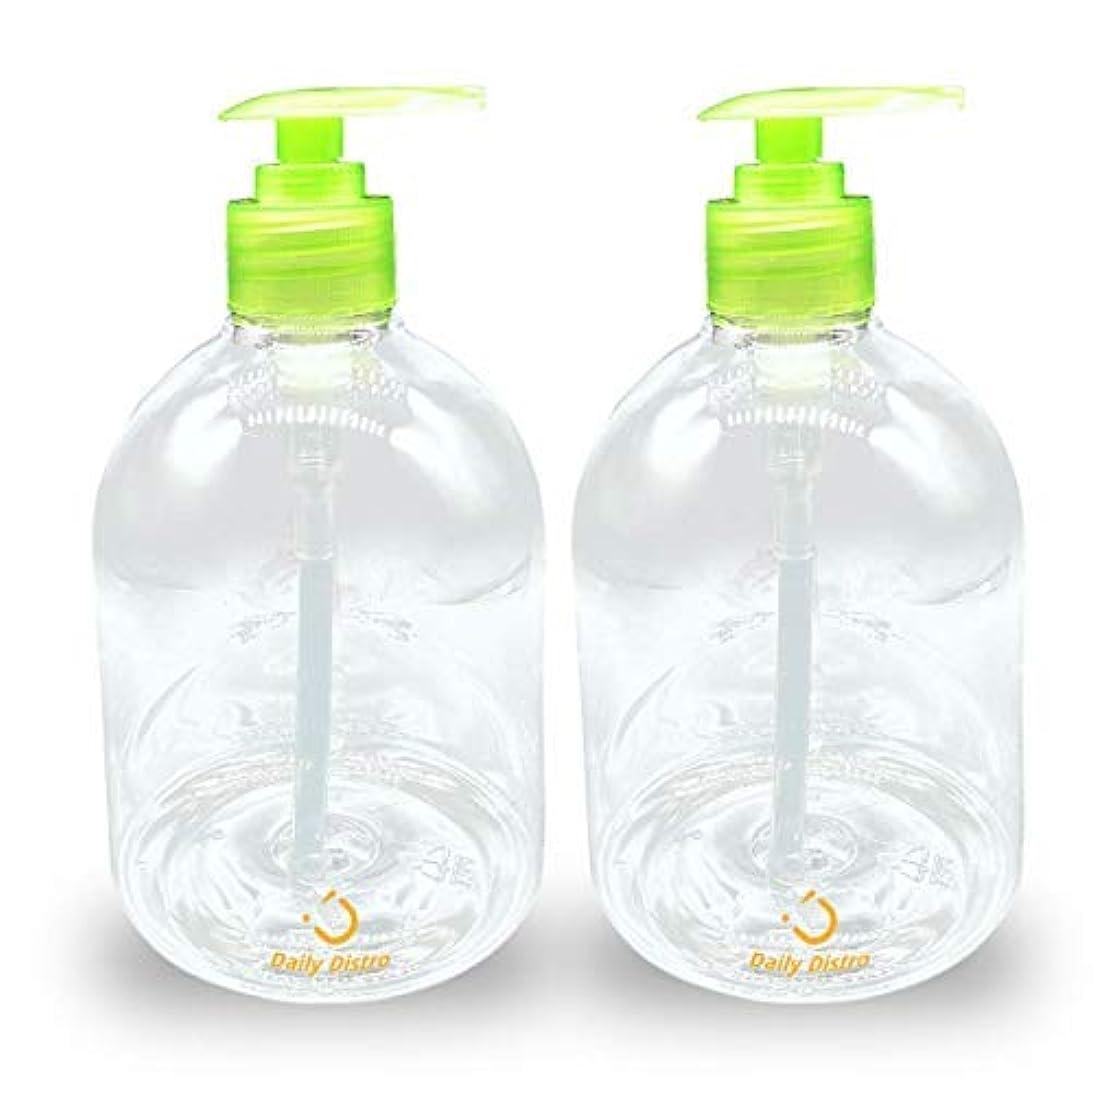 モードリン上回る強度Pack of 2 Clear PET Empty Bottle with Green Pump 16-Ounce, great for Essential Oils, Lotions, Liquid Soaps [並行輸入品]